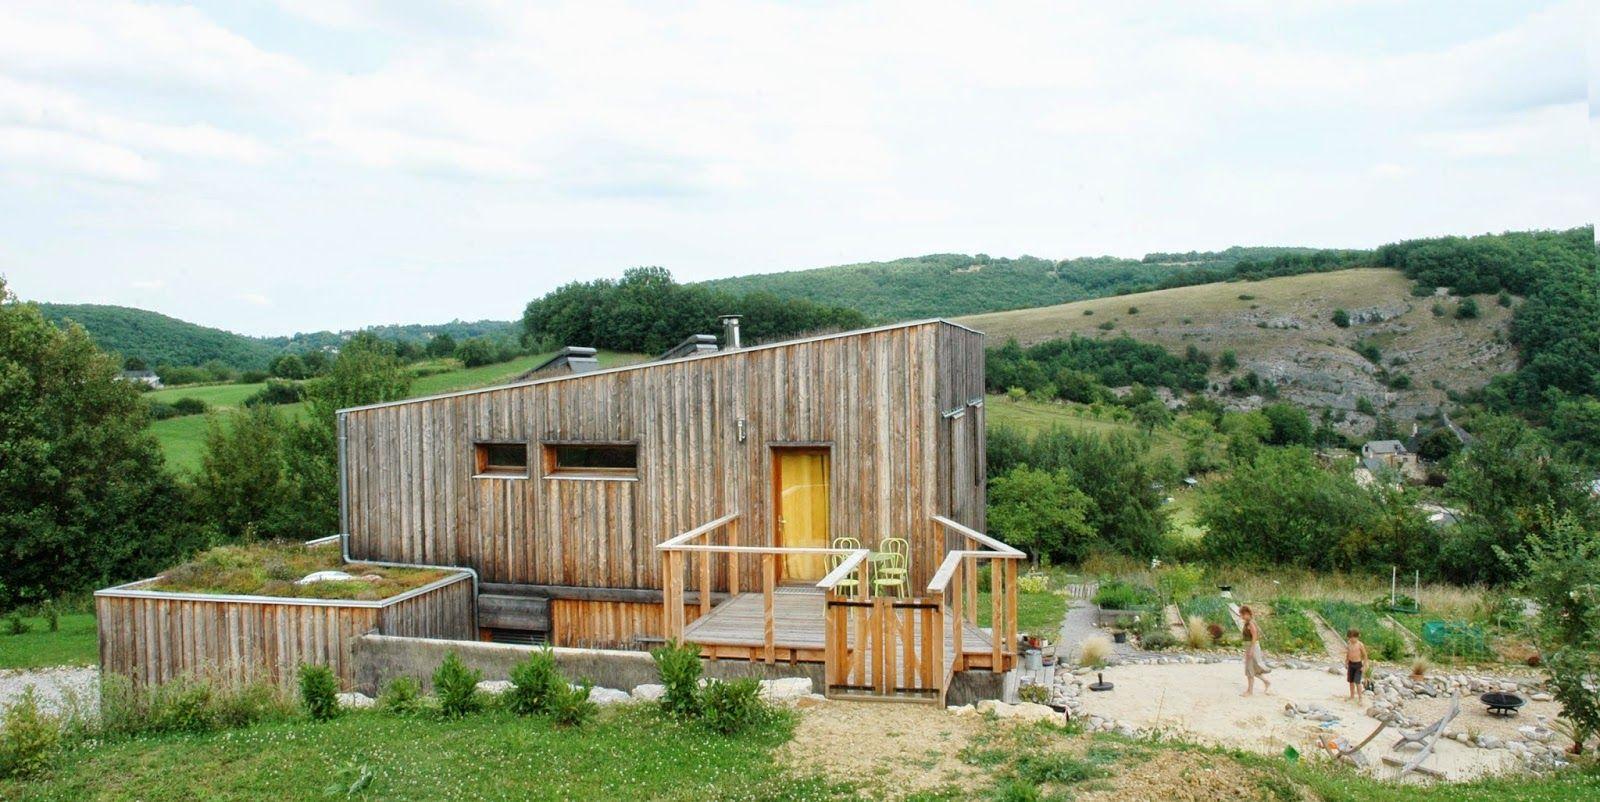 Constructeur Maison En Bois Limoges virginie farges - architecture écologique | architecture